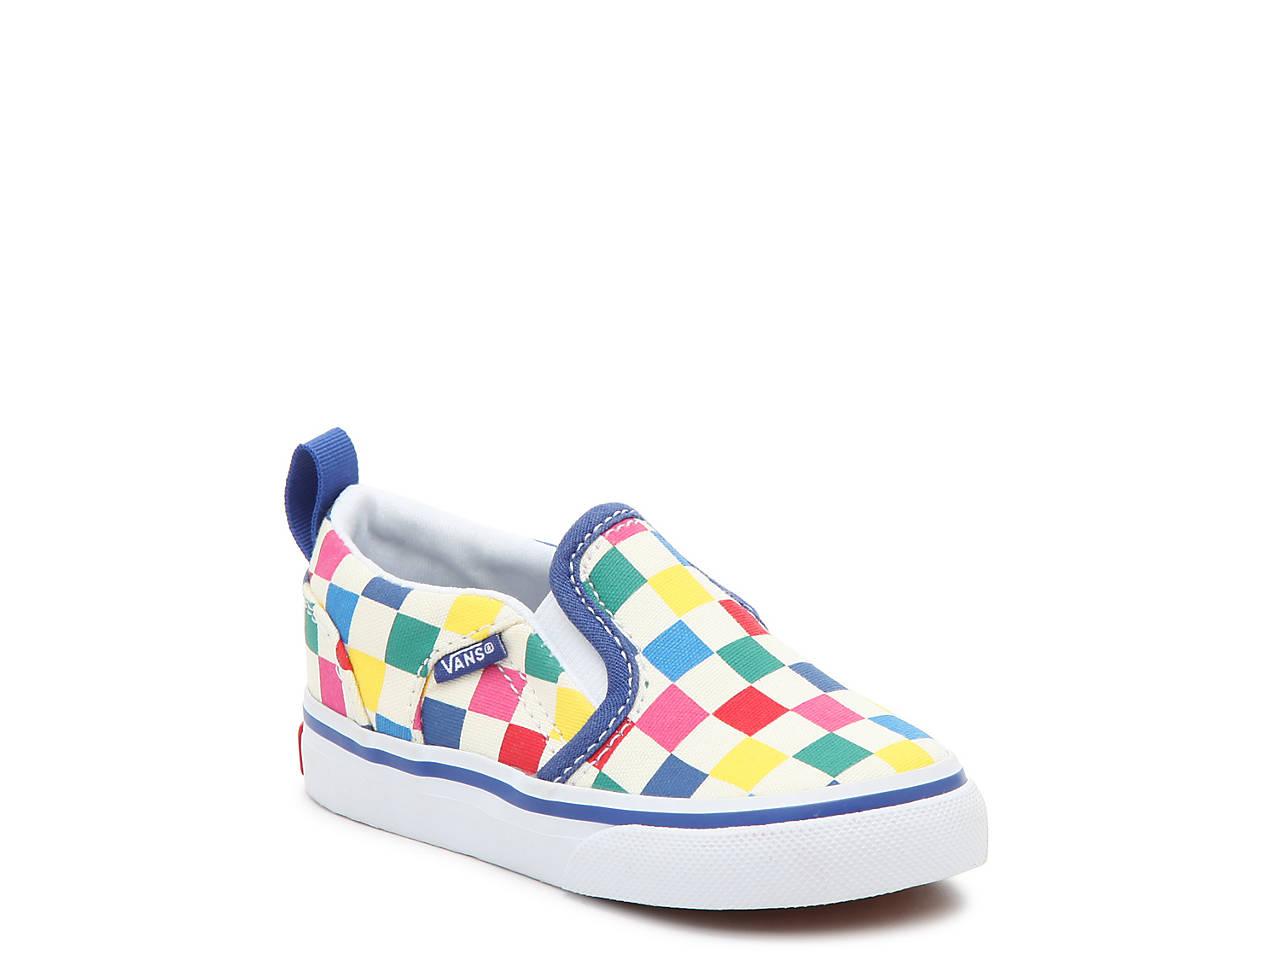 72b441ab944 Vans Asher V Infant   Toddler Slip-On Sneaker Kids Shoes